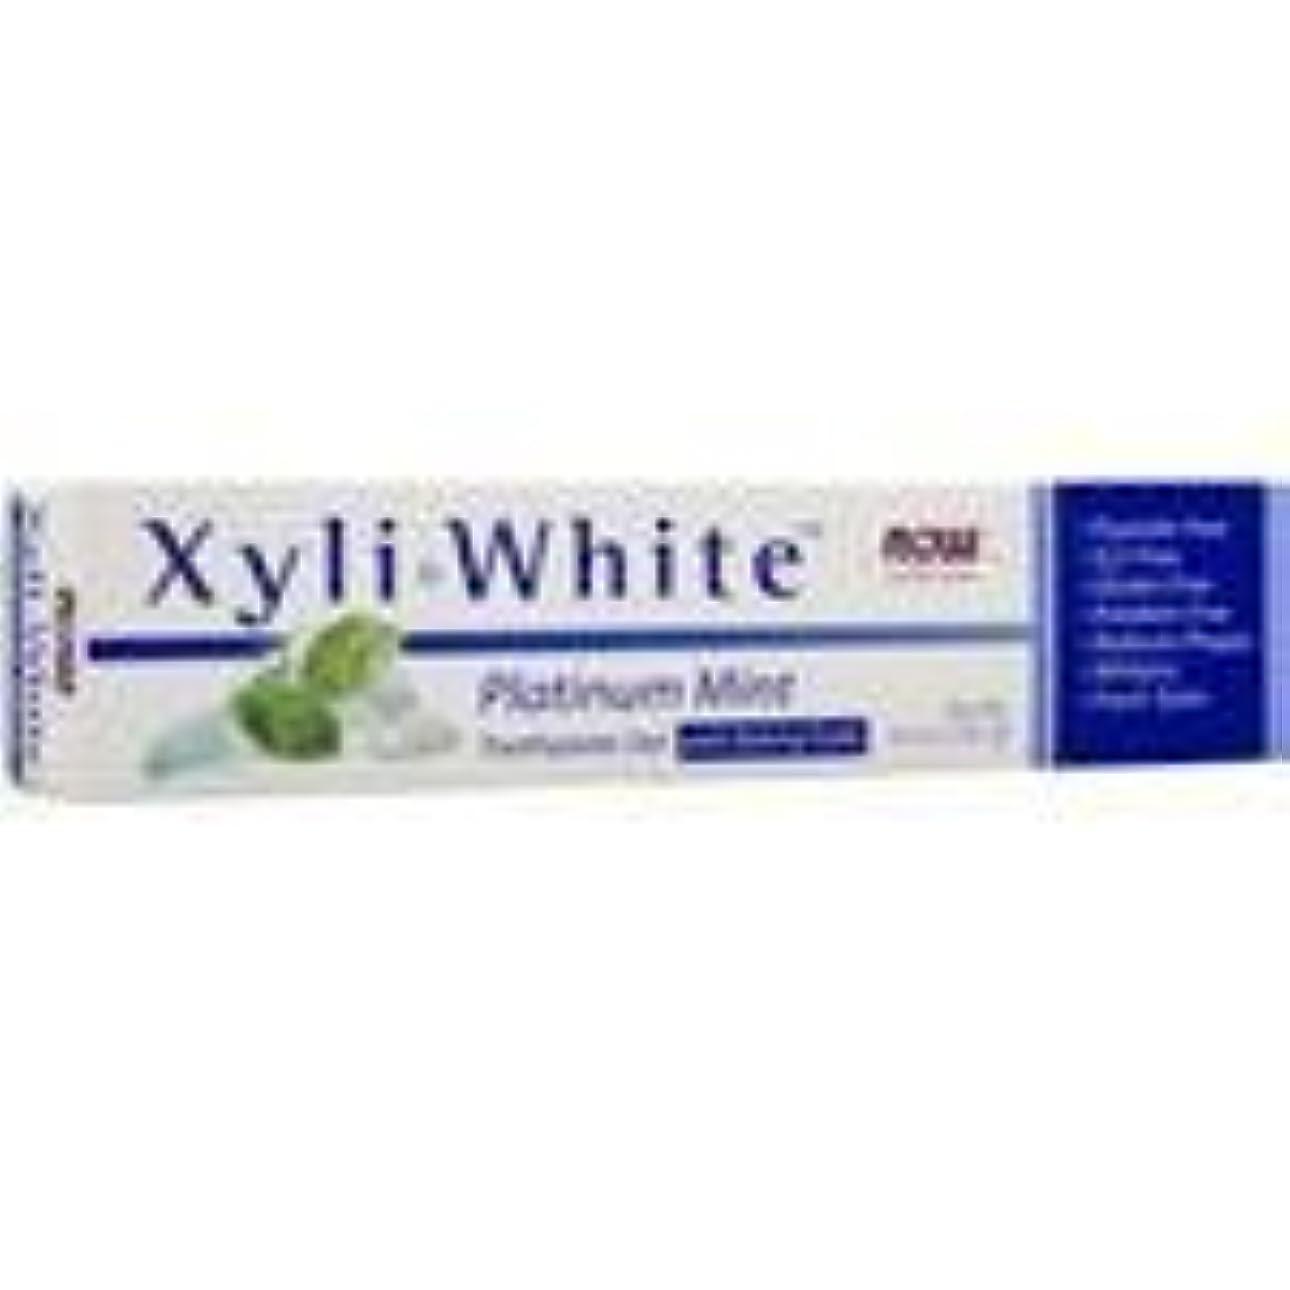 相対的請うインフラキシリホワイト 歯磨き粉  プラチナミント+ベーキングソーダ 182g 5個パック